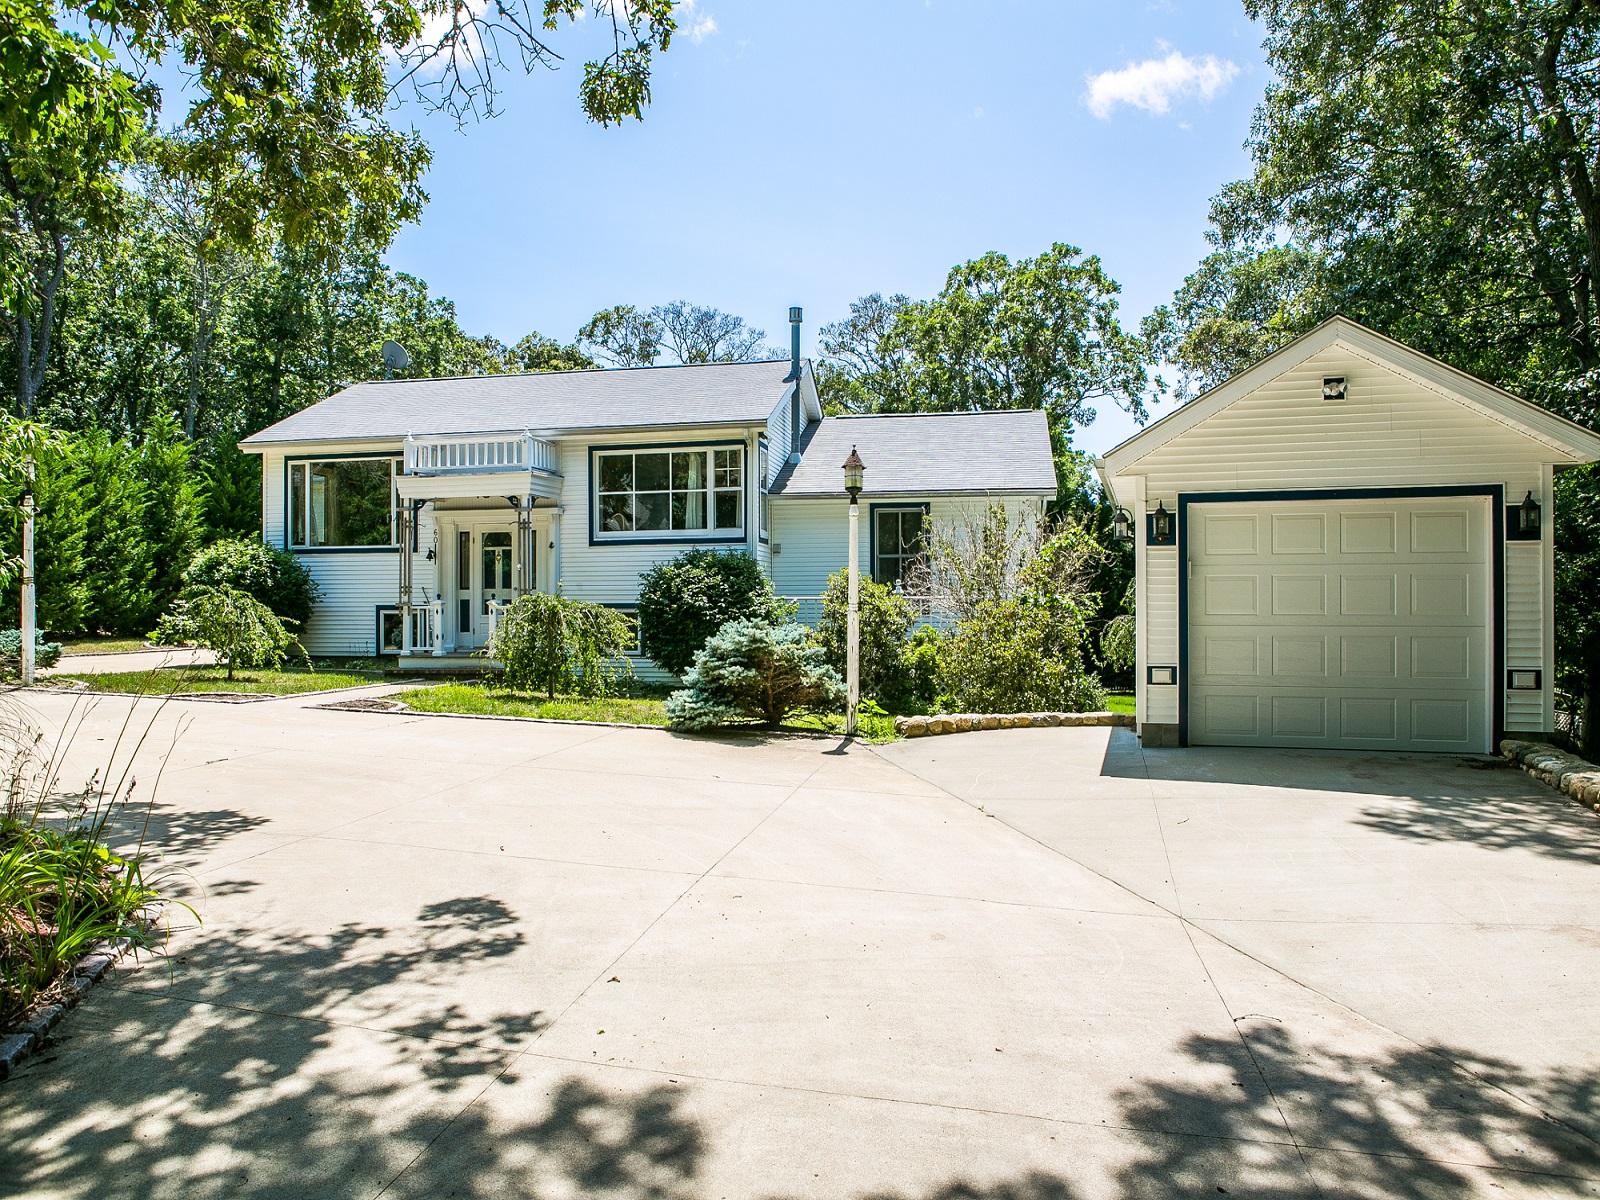 단독 가정 주택 용 매매 에 A quiet corner of Oak Bluffs 60 Prospect Avenue Oak Bluffs, 매사추세츠 02557 미국